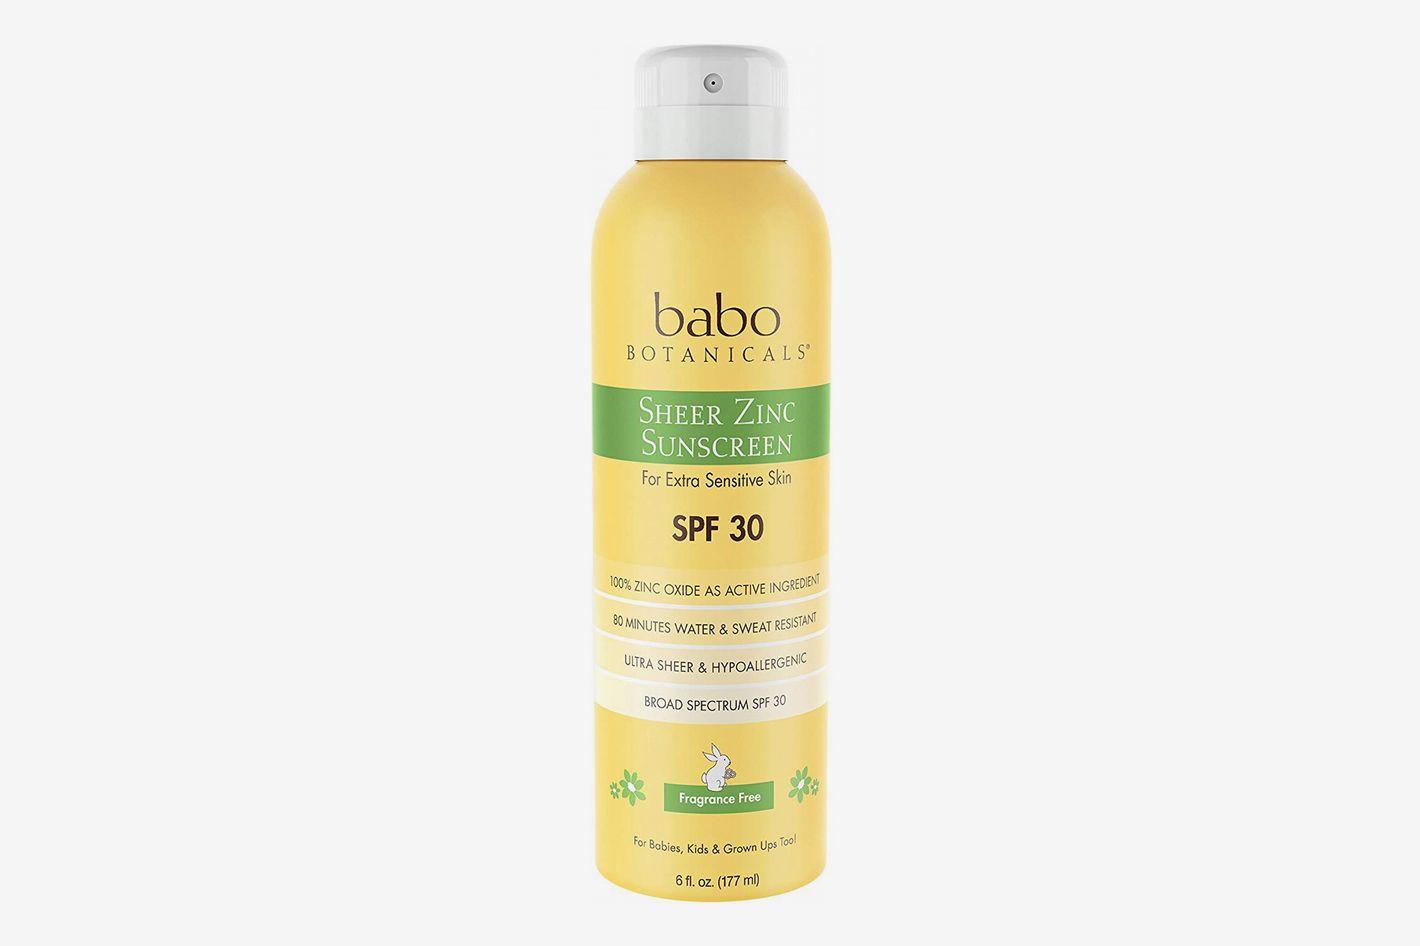 Babo Botanicals Sheer Zinc Continuous Spray Sunscreen SPF 30